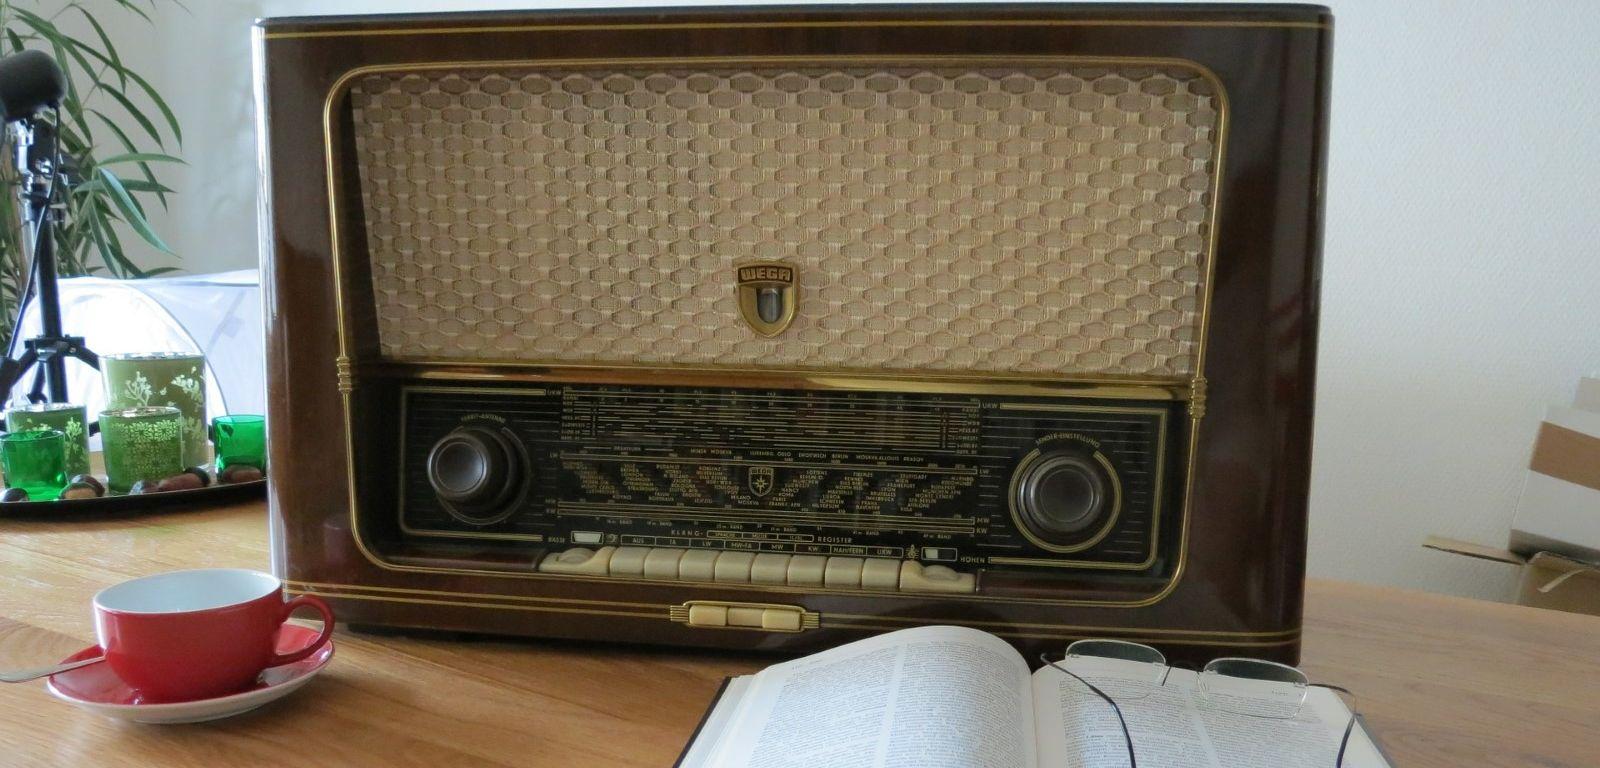 homepage-radio-476457.jpg